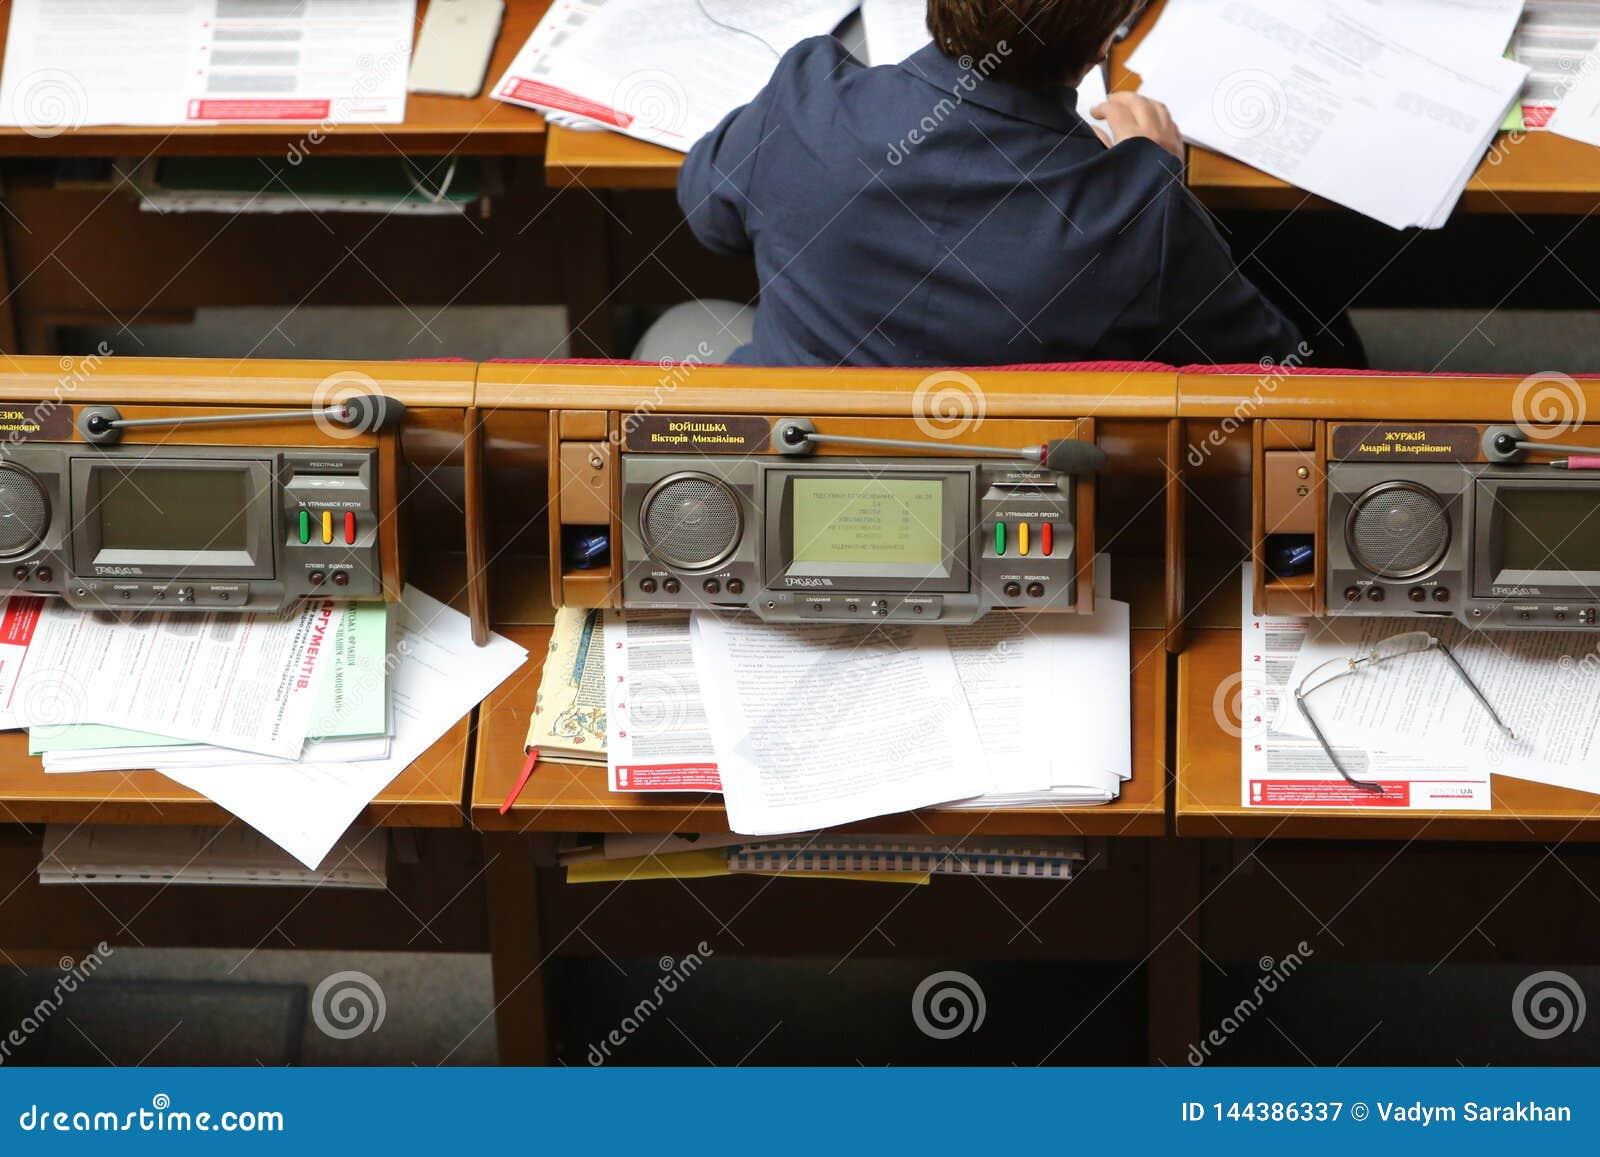 09 04 2019 Ουκρανία Κίεβο Verkhovna Rada της Ουκρανίας Ο εργασιακός χώρος του αναπληρωτή των ανθρώπων της Ουκρανίας